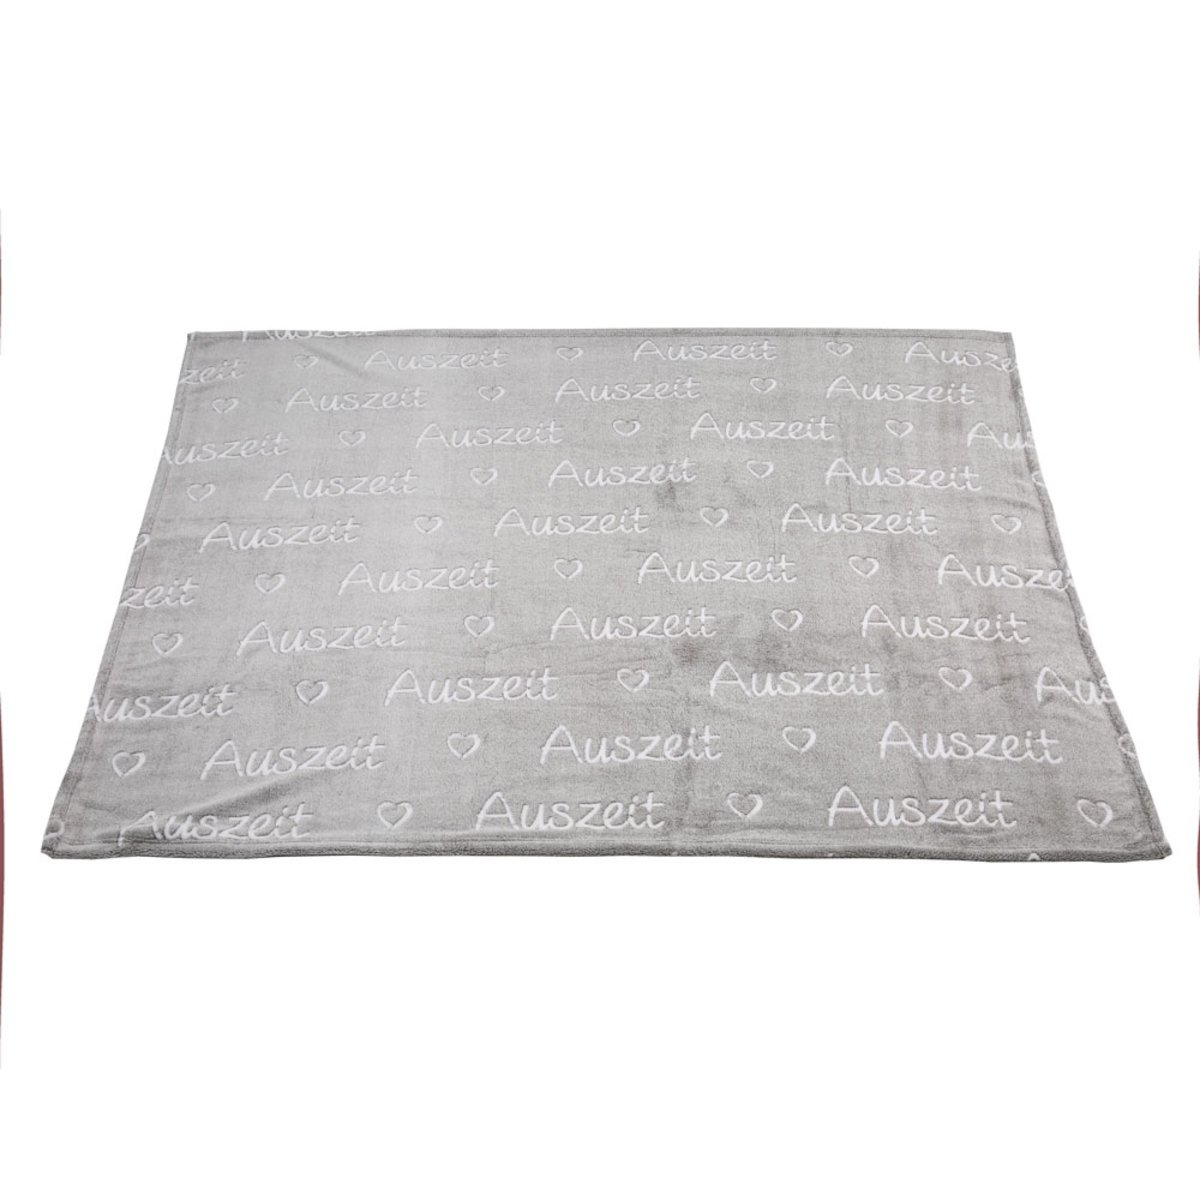 Bild 2 von Kuscheldecke, Auszeit, 160 x 130 cm, grau